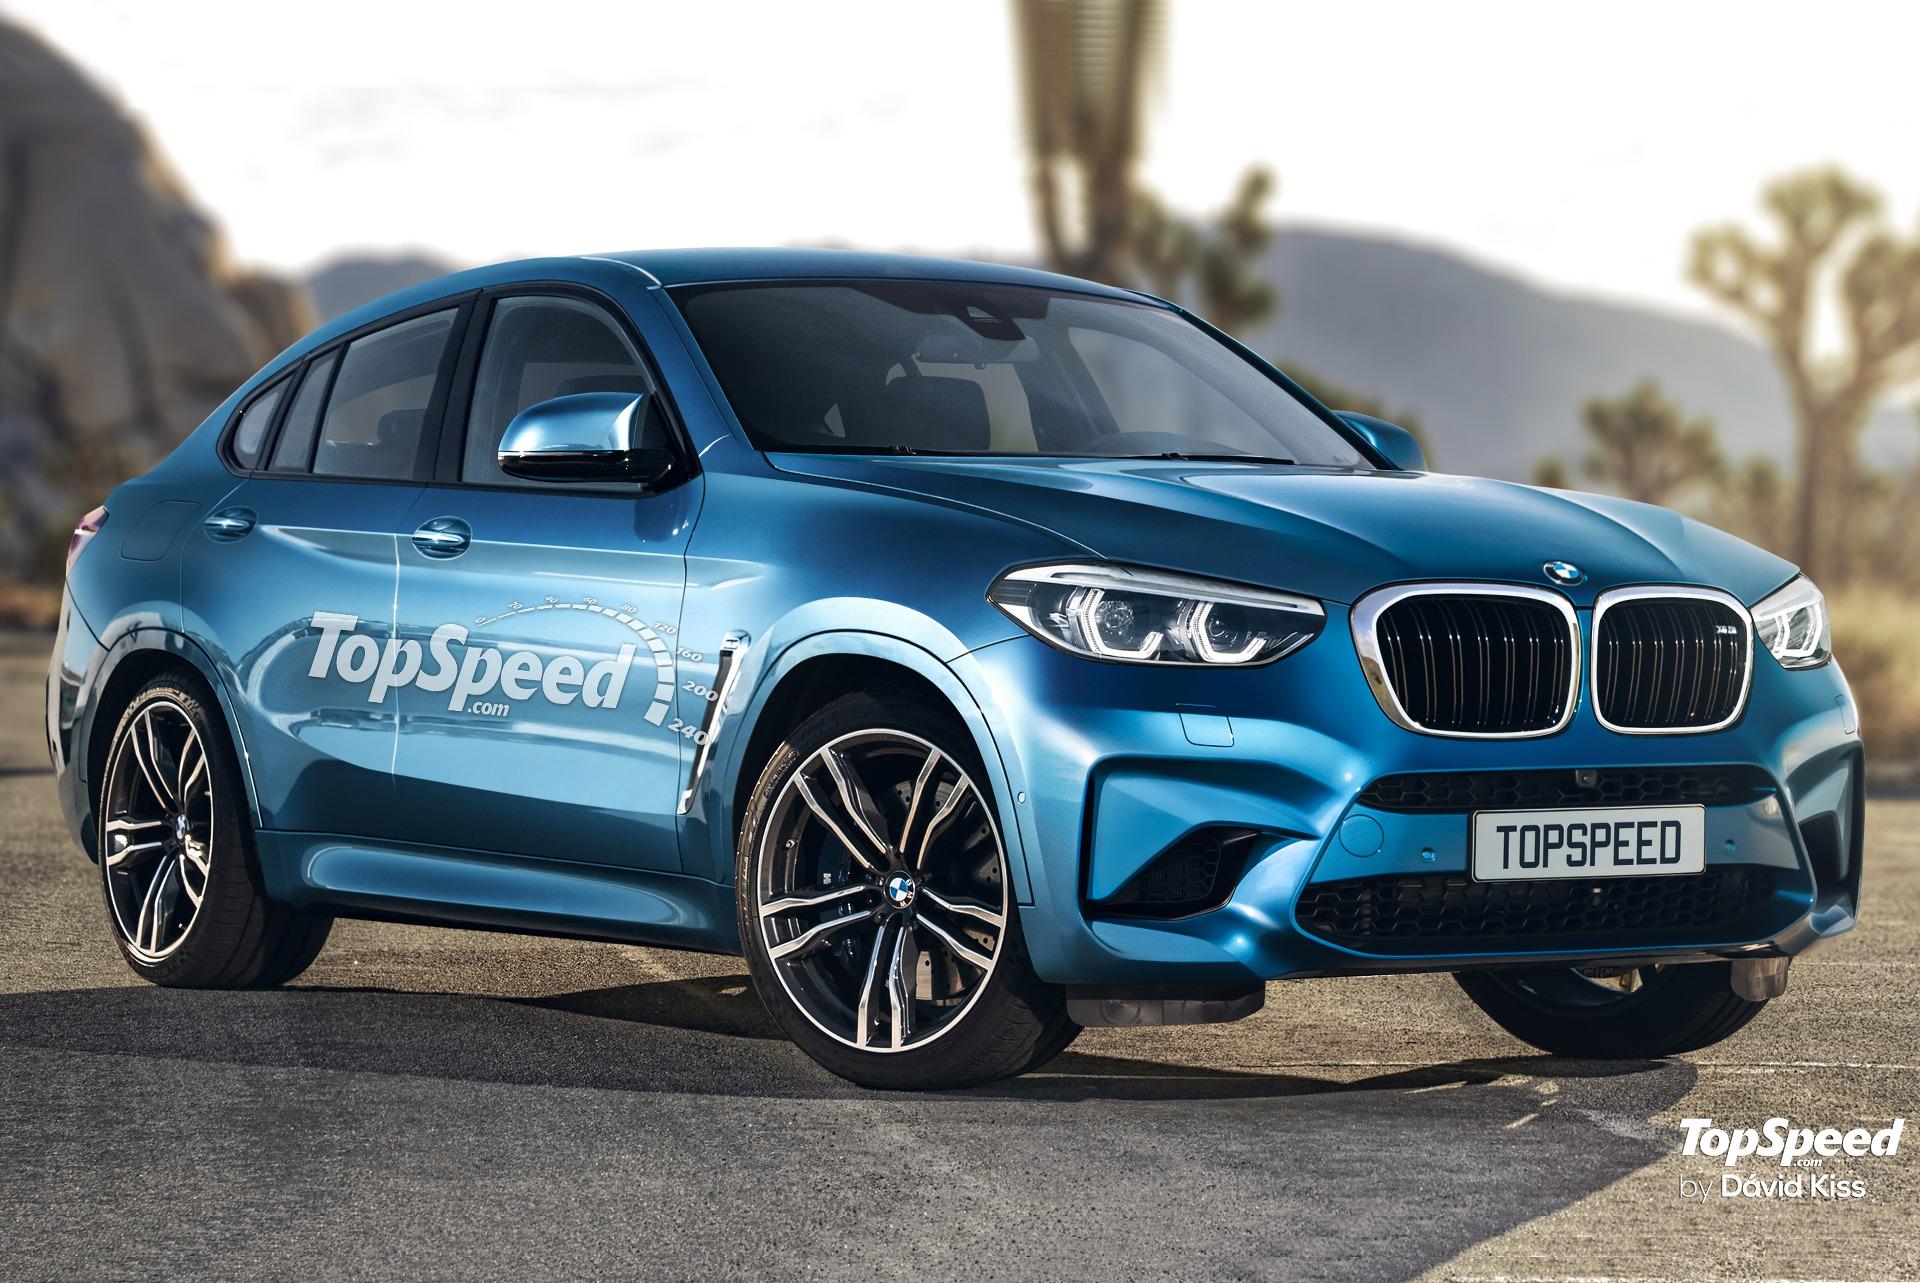 BMW X4 M 2019: Photoshop-Entwurf zum neuen Power-SUV